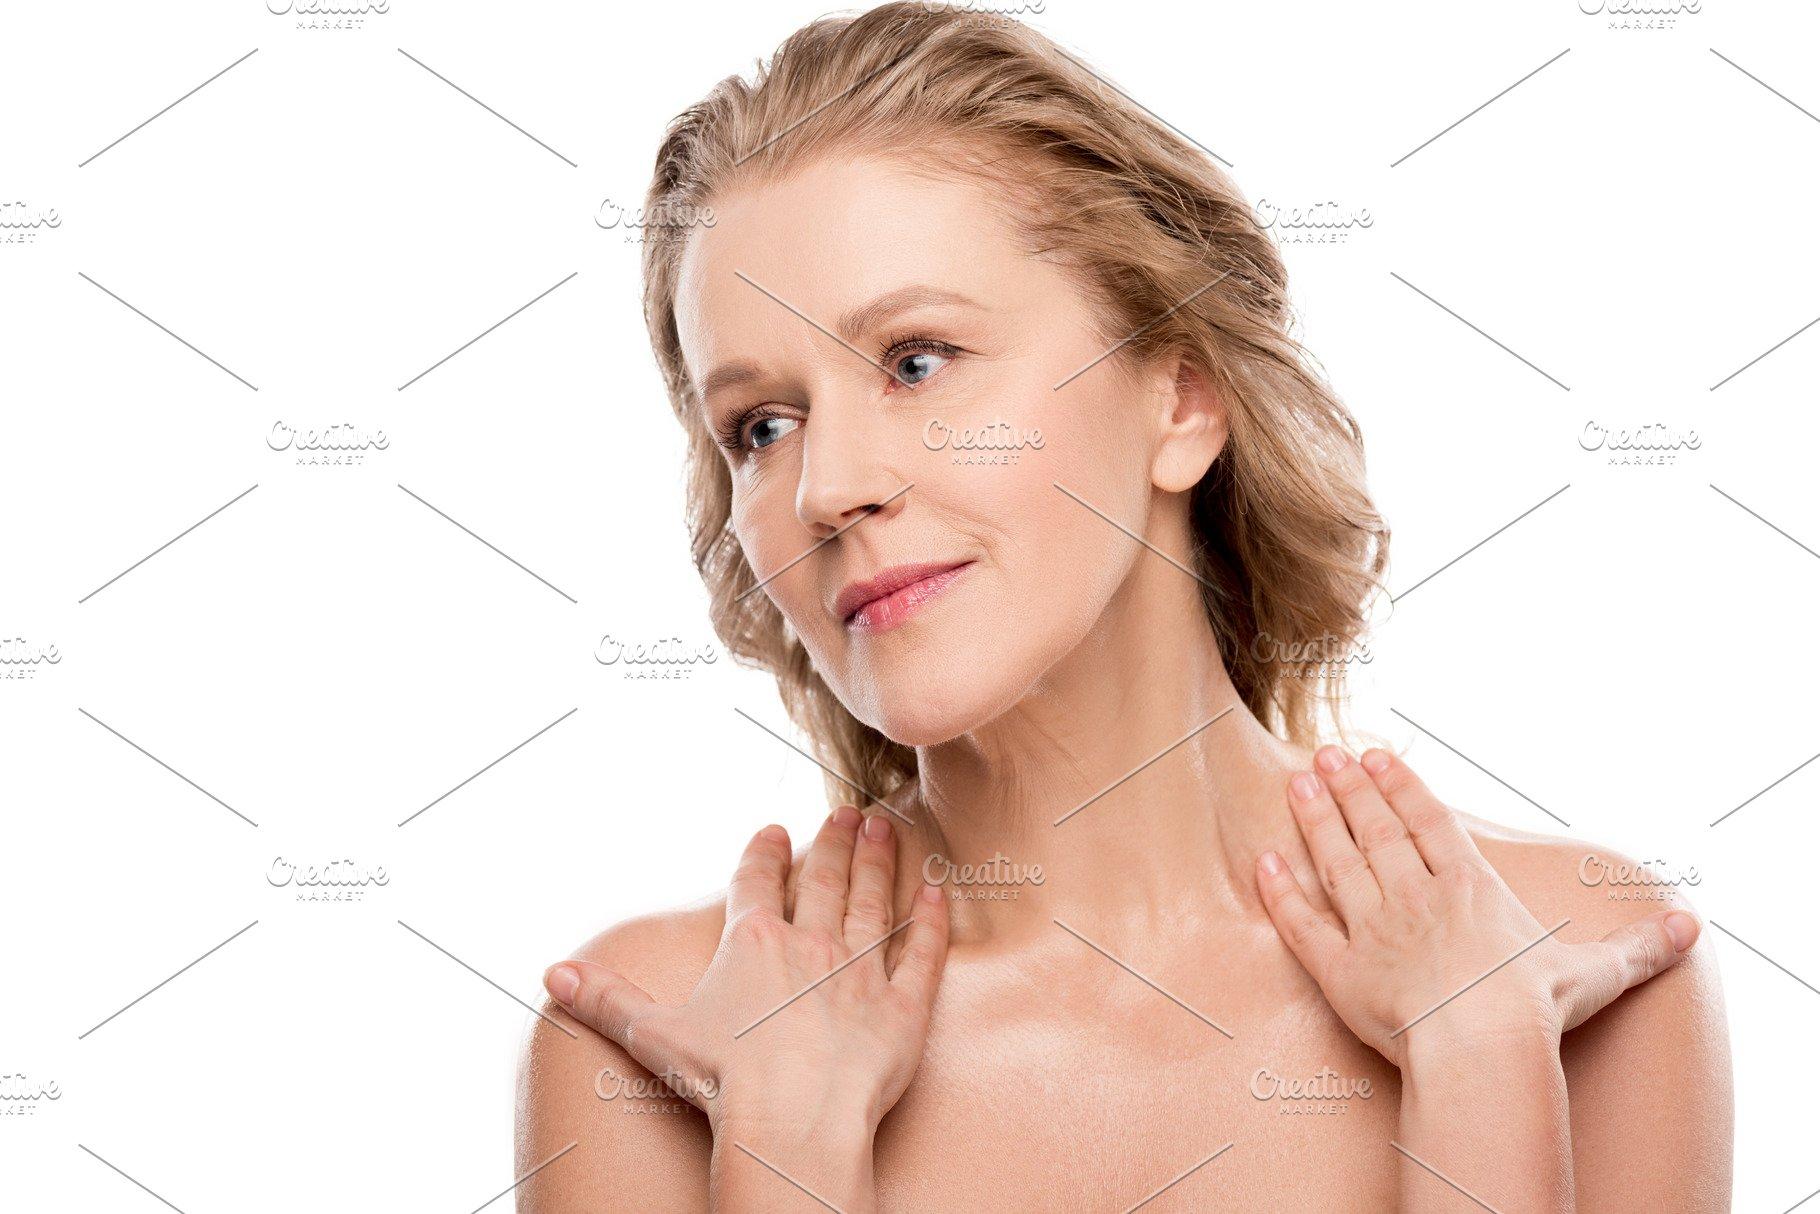 Eva notty hot tub milf